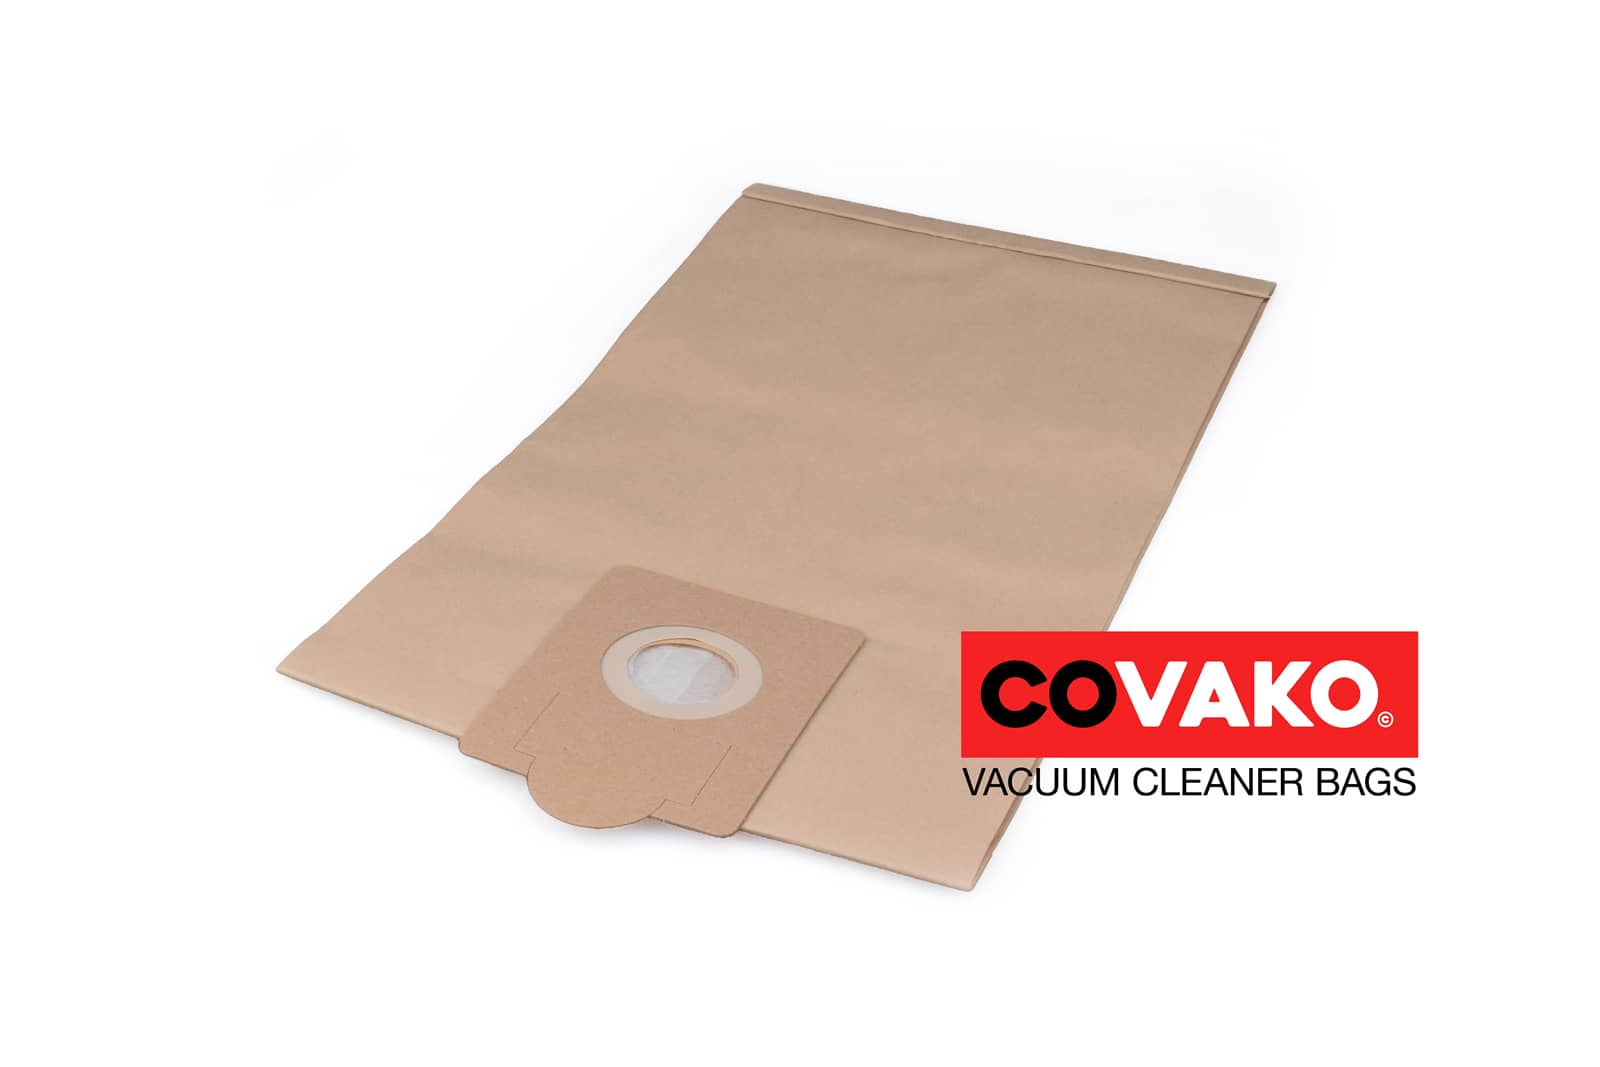 Elsea quiet A class 3.0 / Papier - Elsea sacs d'aspirateur